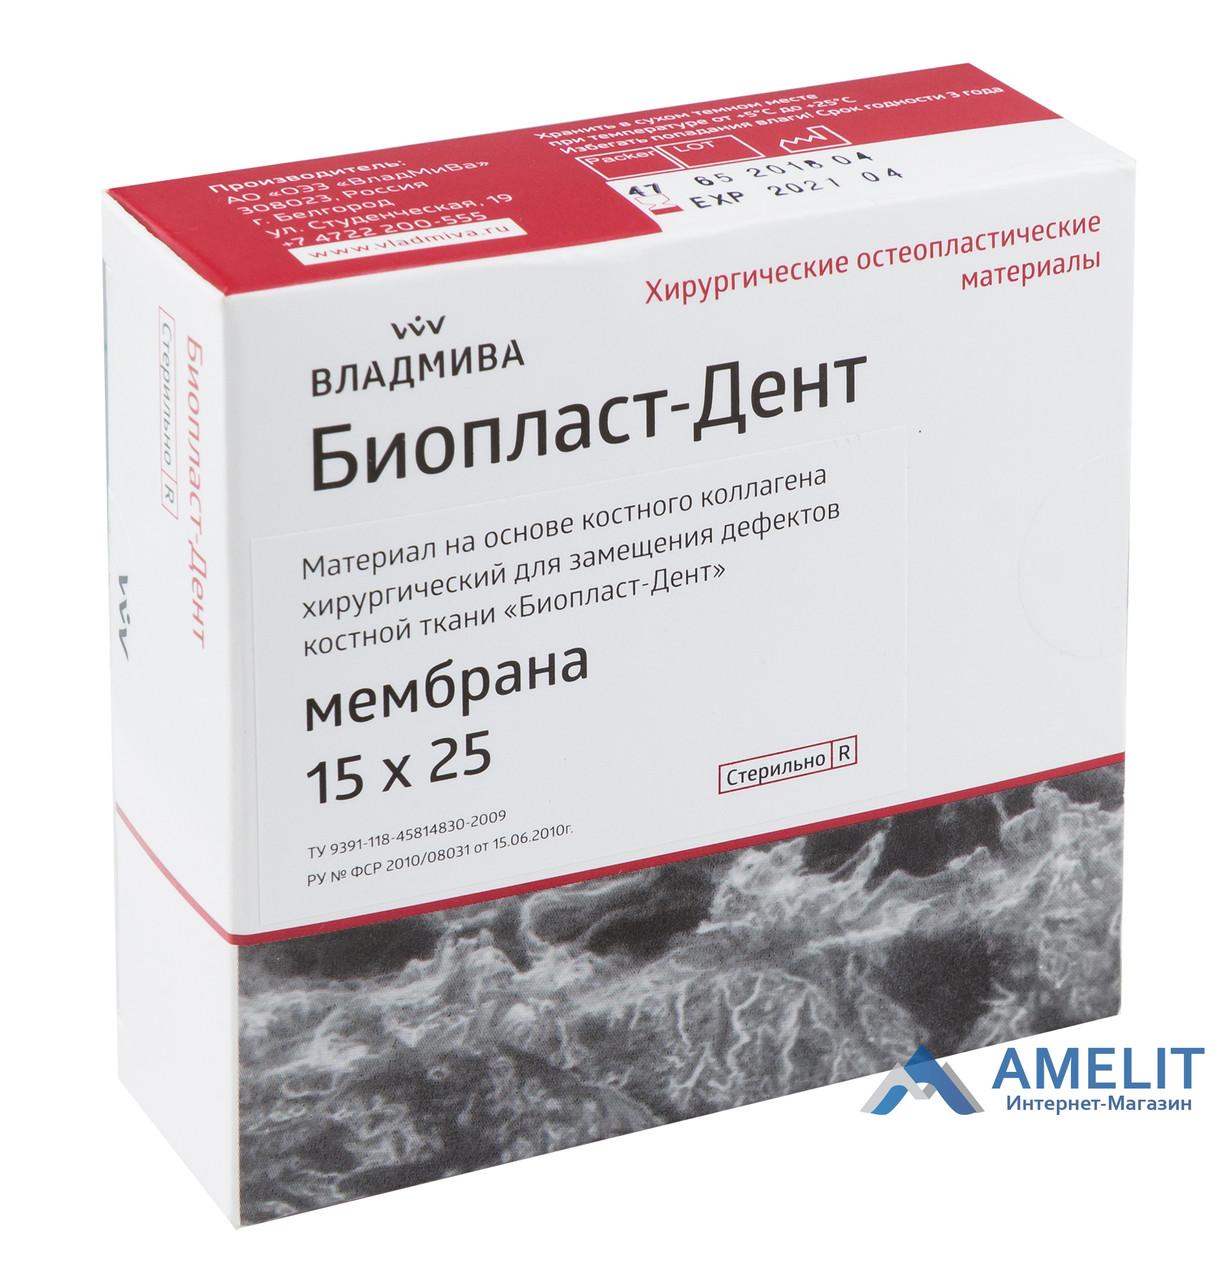 Биопласт-Дент мембрана(ВладМива), 15*25 мм.